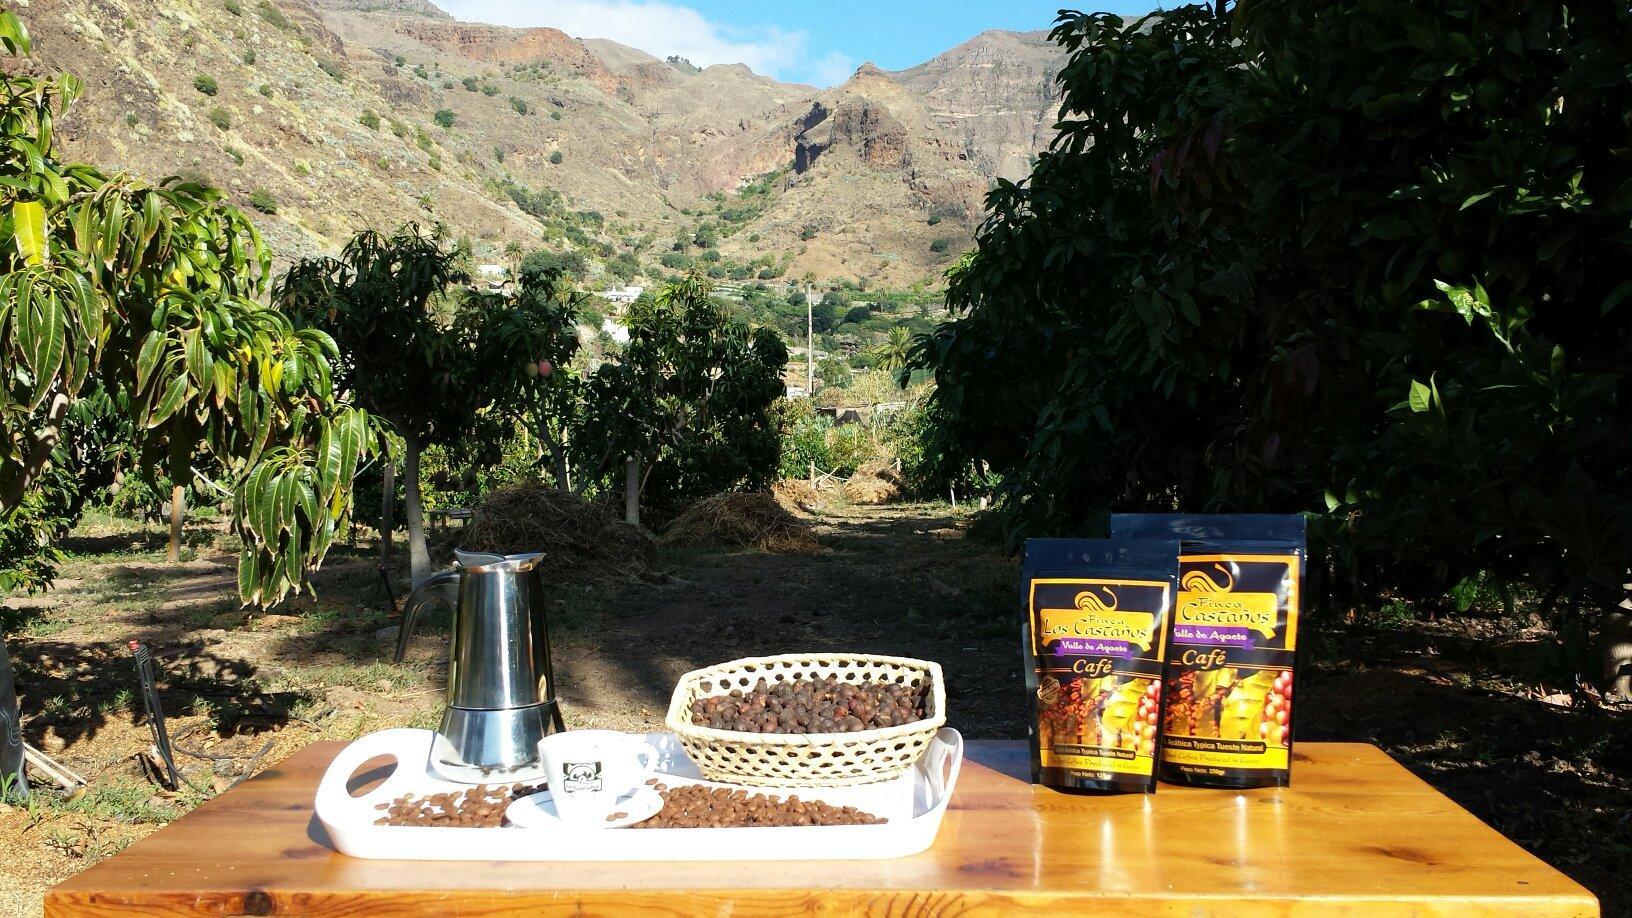 Virtual 90-Minute Coffee tour at Finca Los Castaños in Gran Canaria